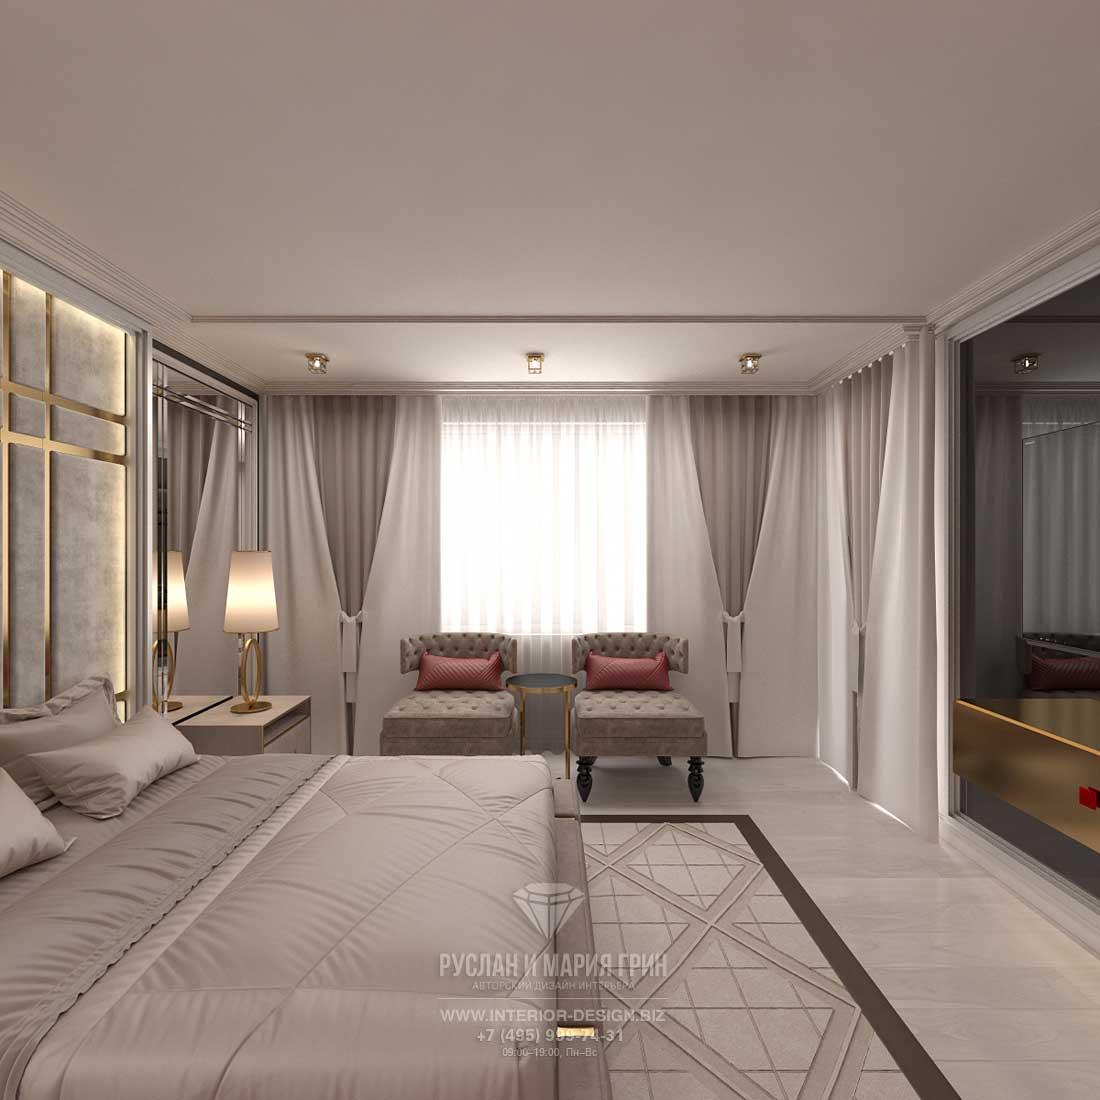 Интерьер просторной спальни в стиле ар-деко